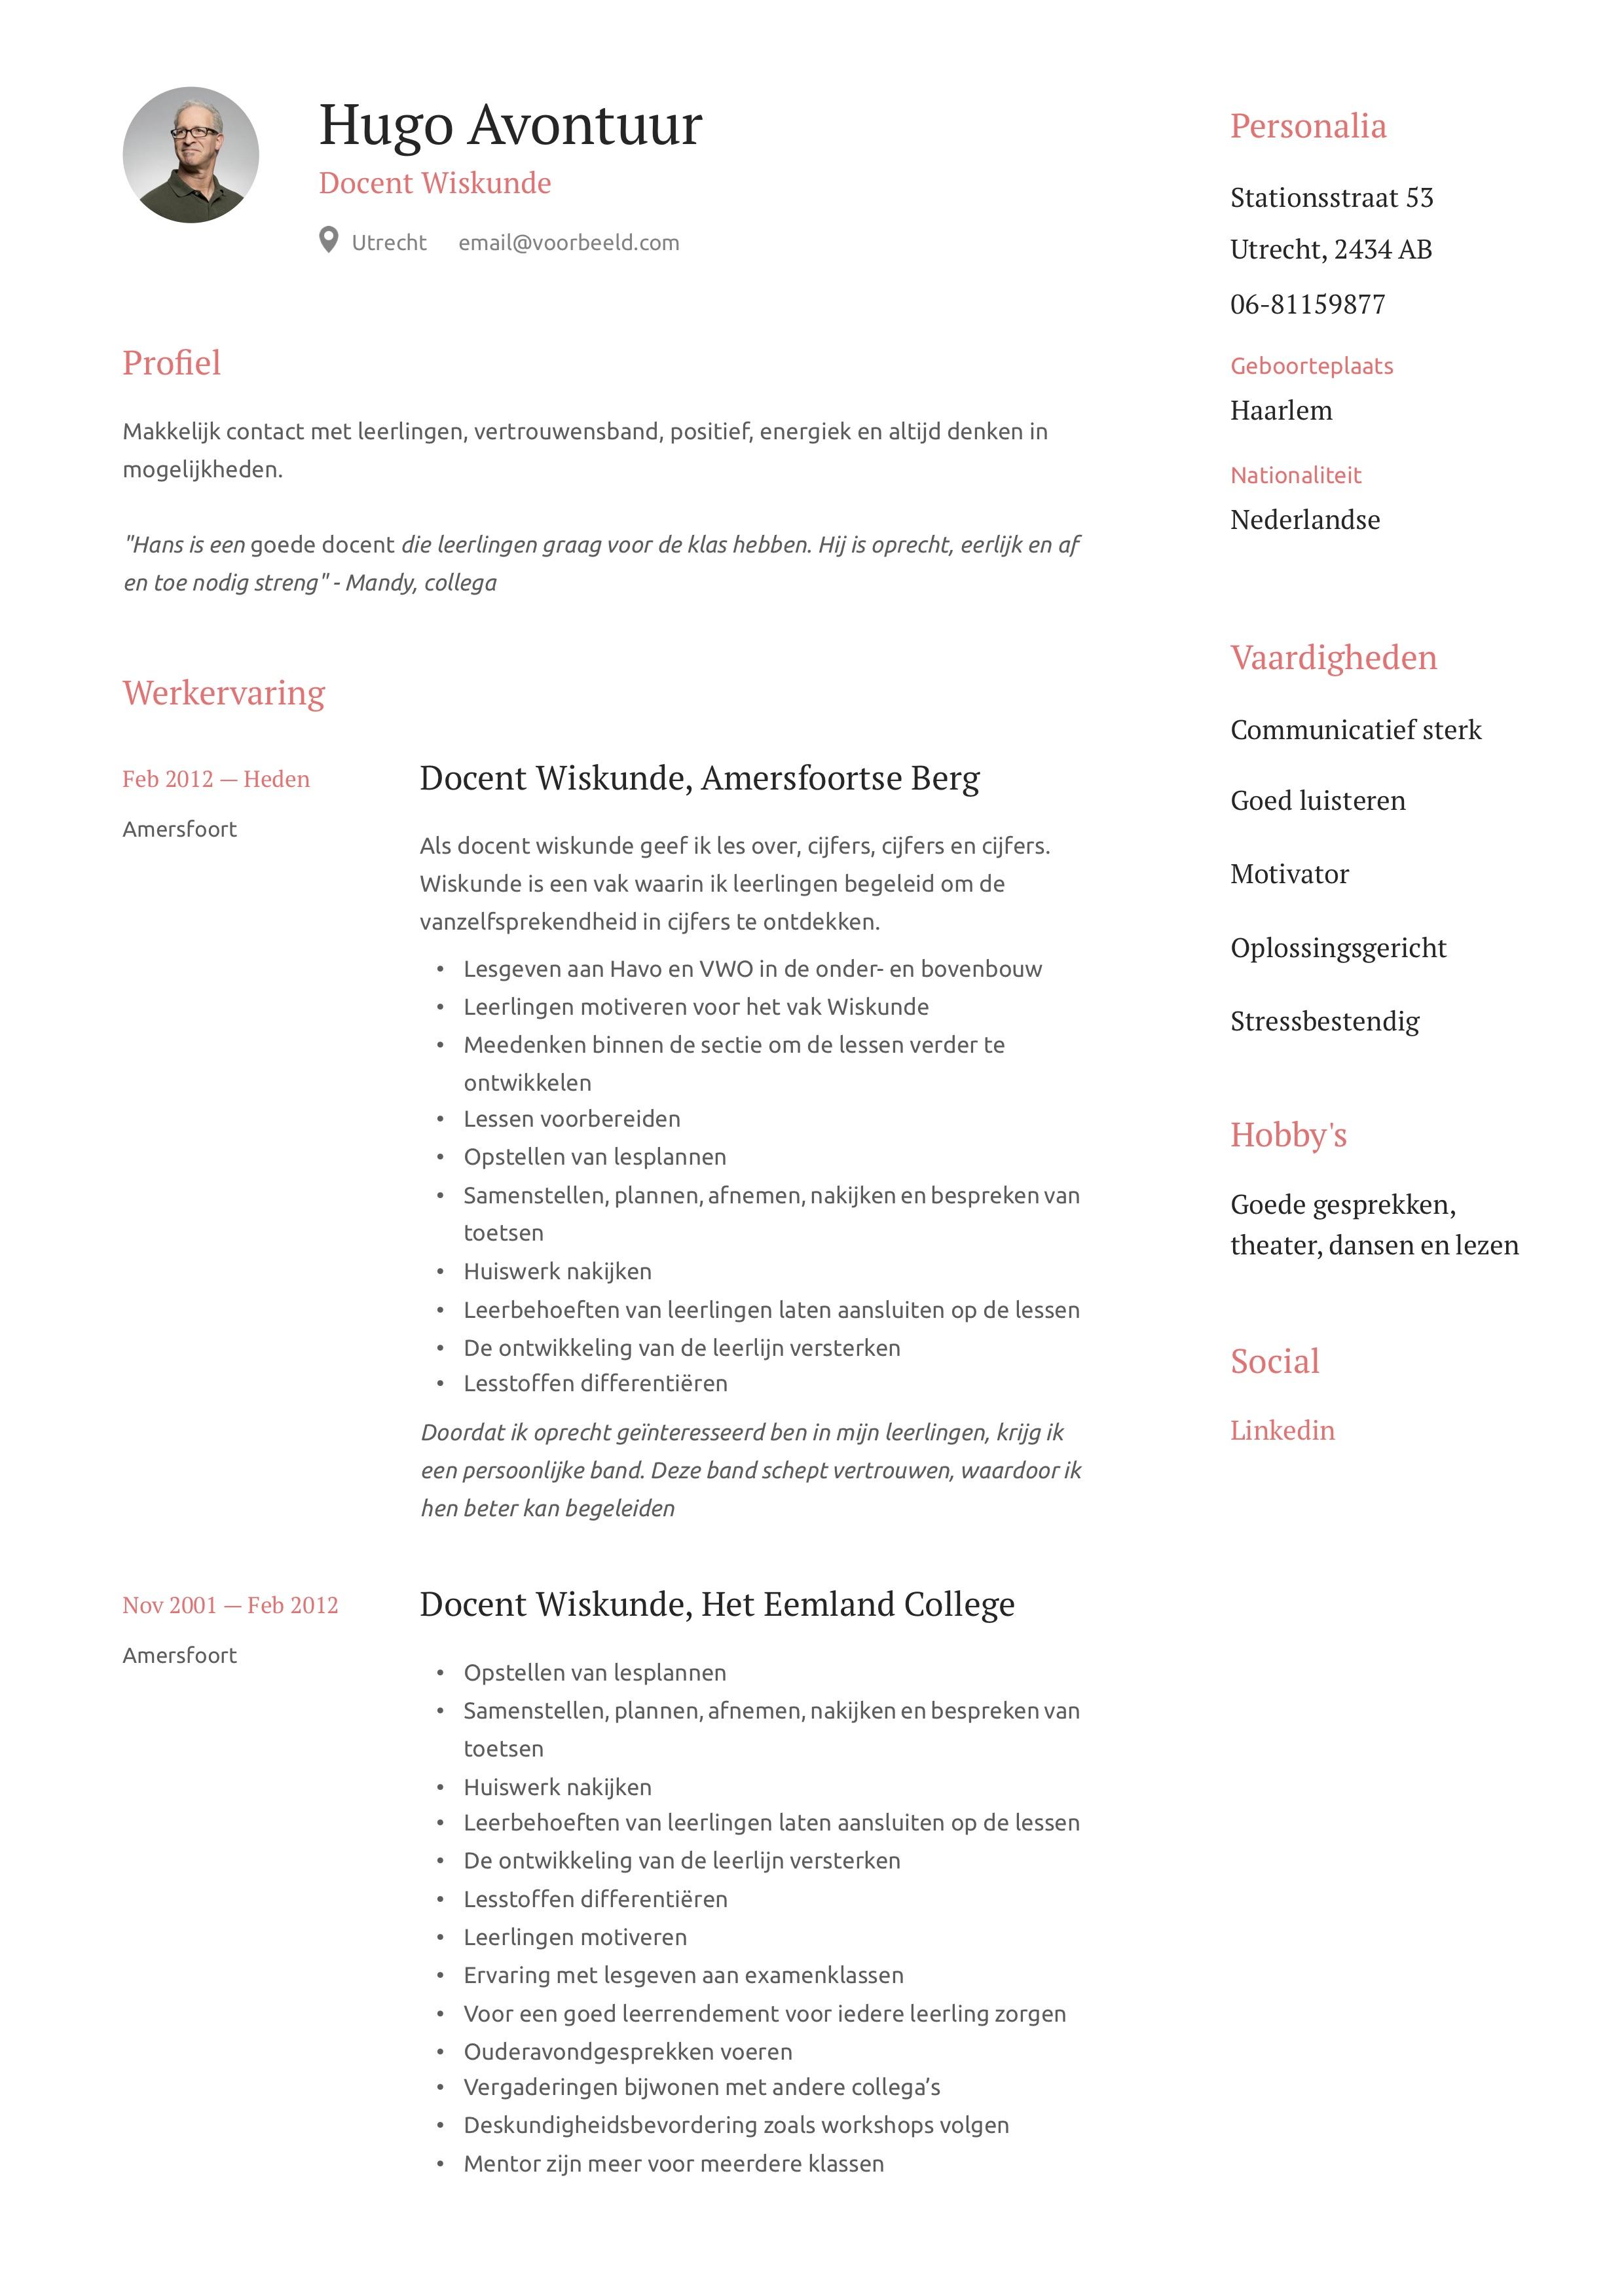 Docent Wiskunde CV Voorbeeld